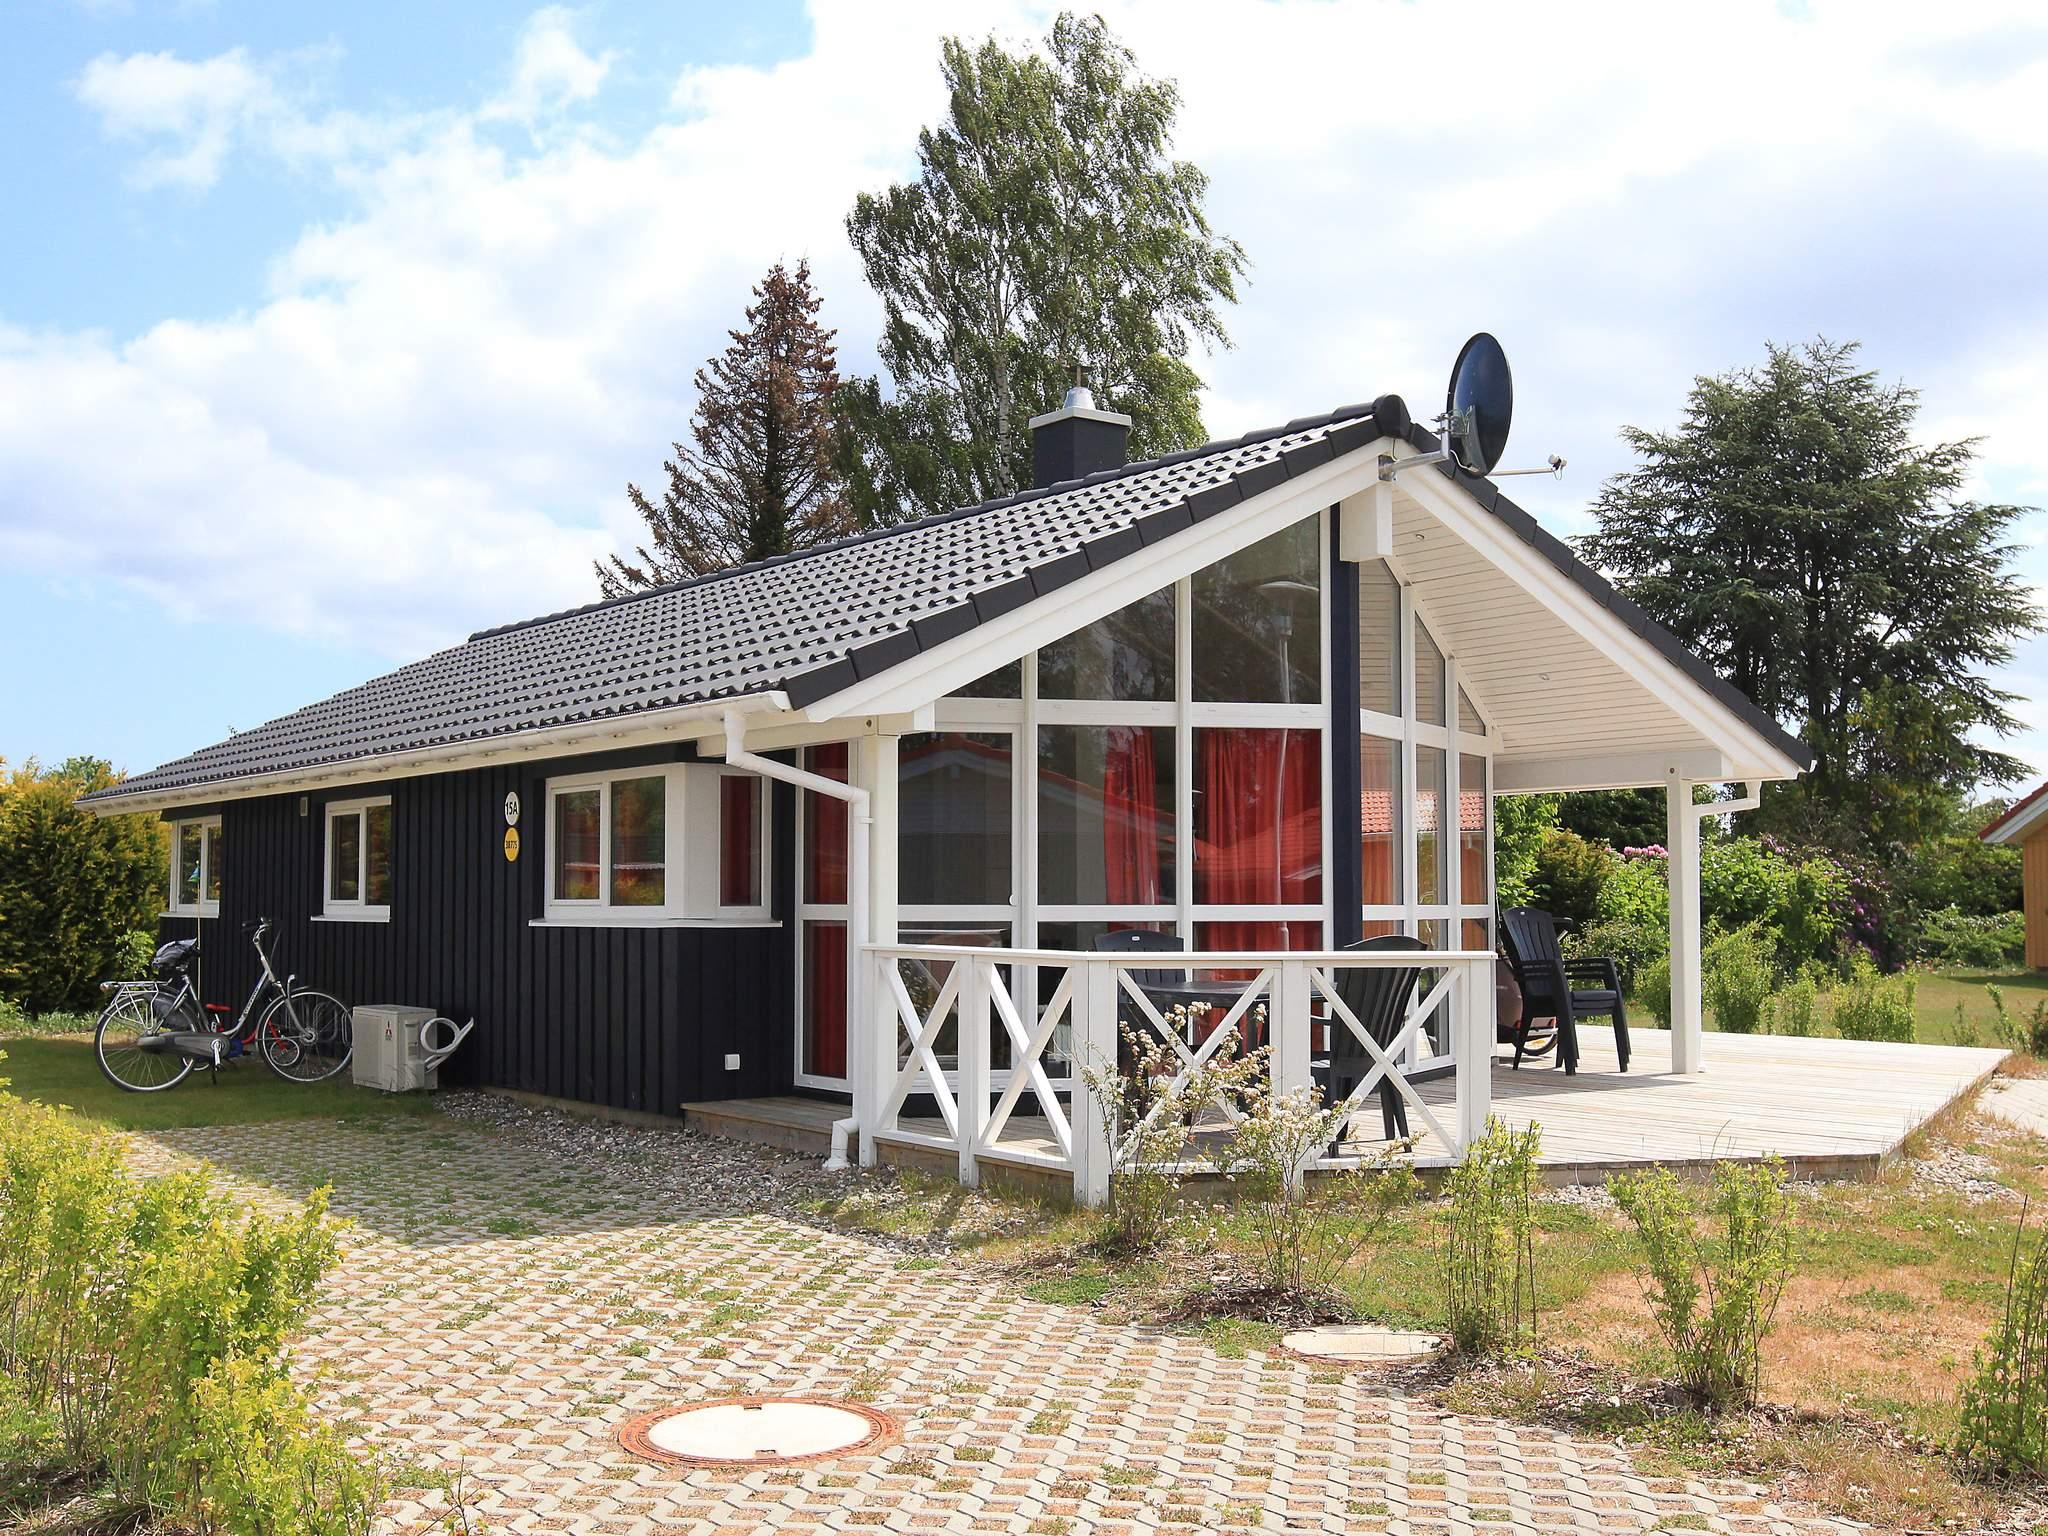 Maison de vacances Grömitz (433402), Grömitz, Baie de Lübeck, Schleswig-Holstein, Allemagne, image 11